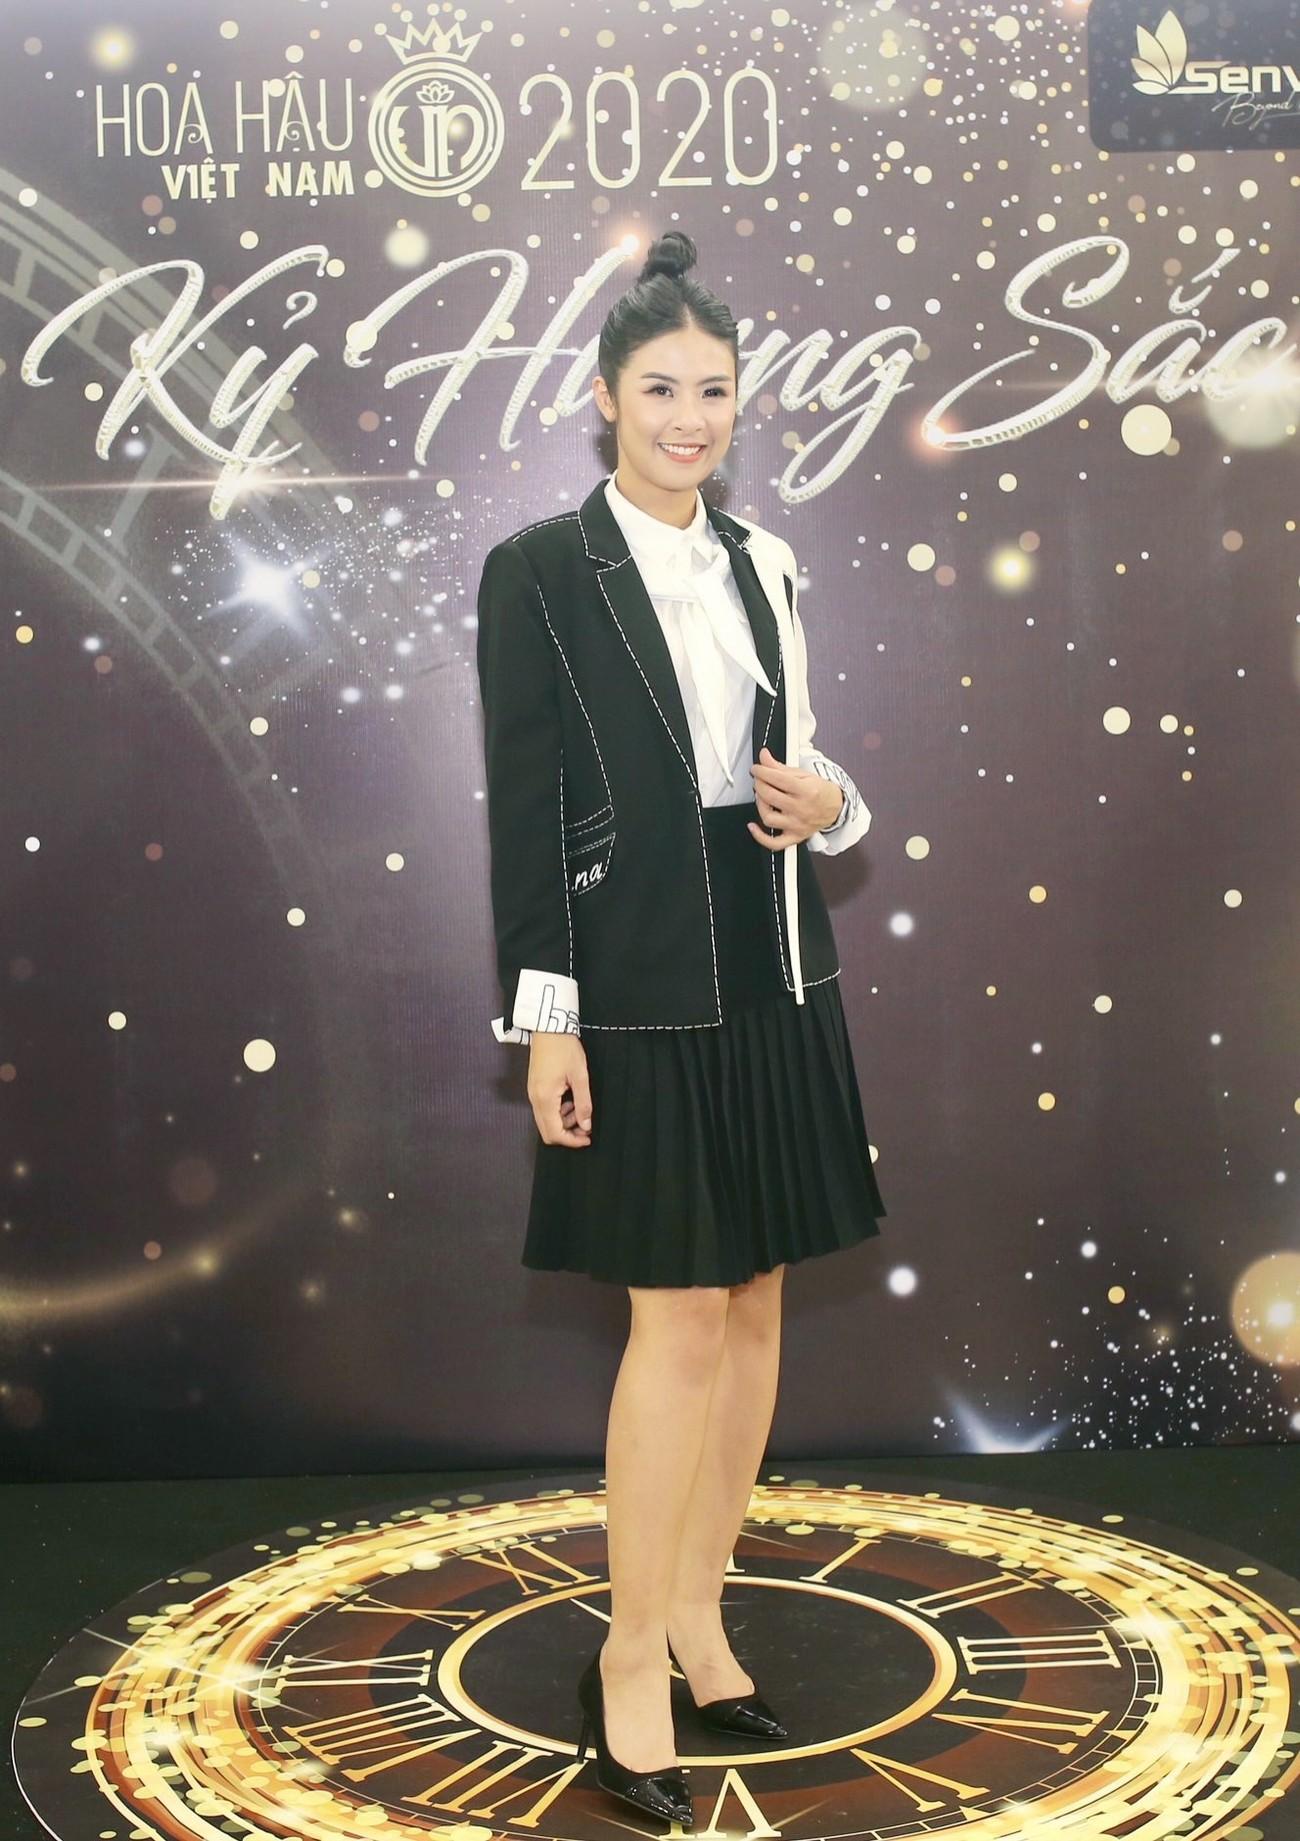 Dàn Hoa hậu, Á hậu khoe dáng nóng bỏng tại họp báo Chung kết toàn quốc HHVN 2020 ảnh 12